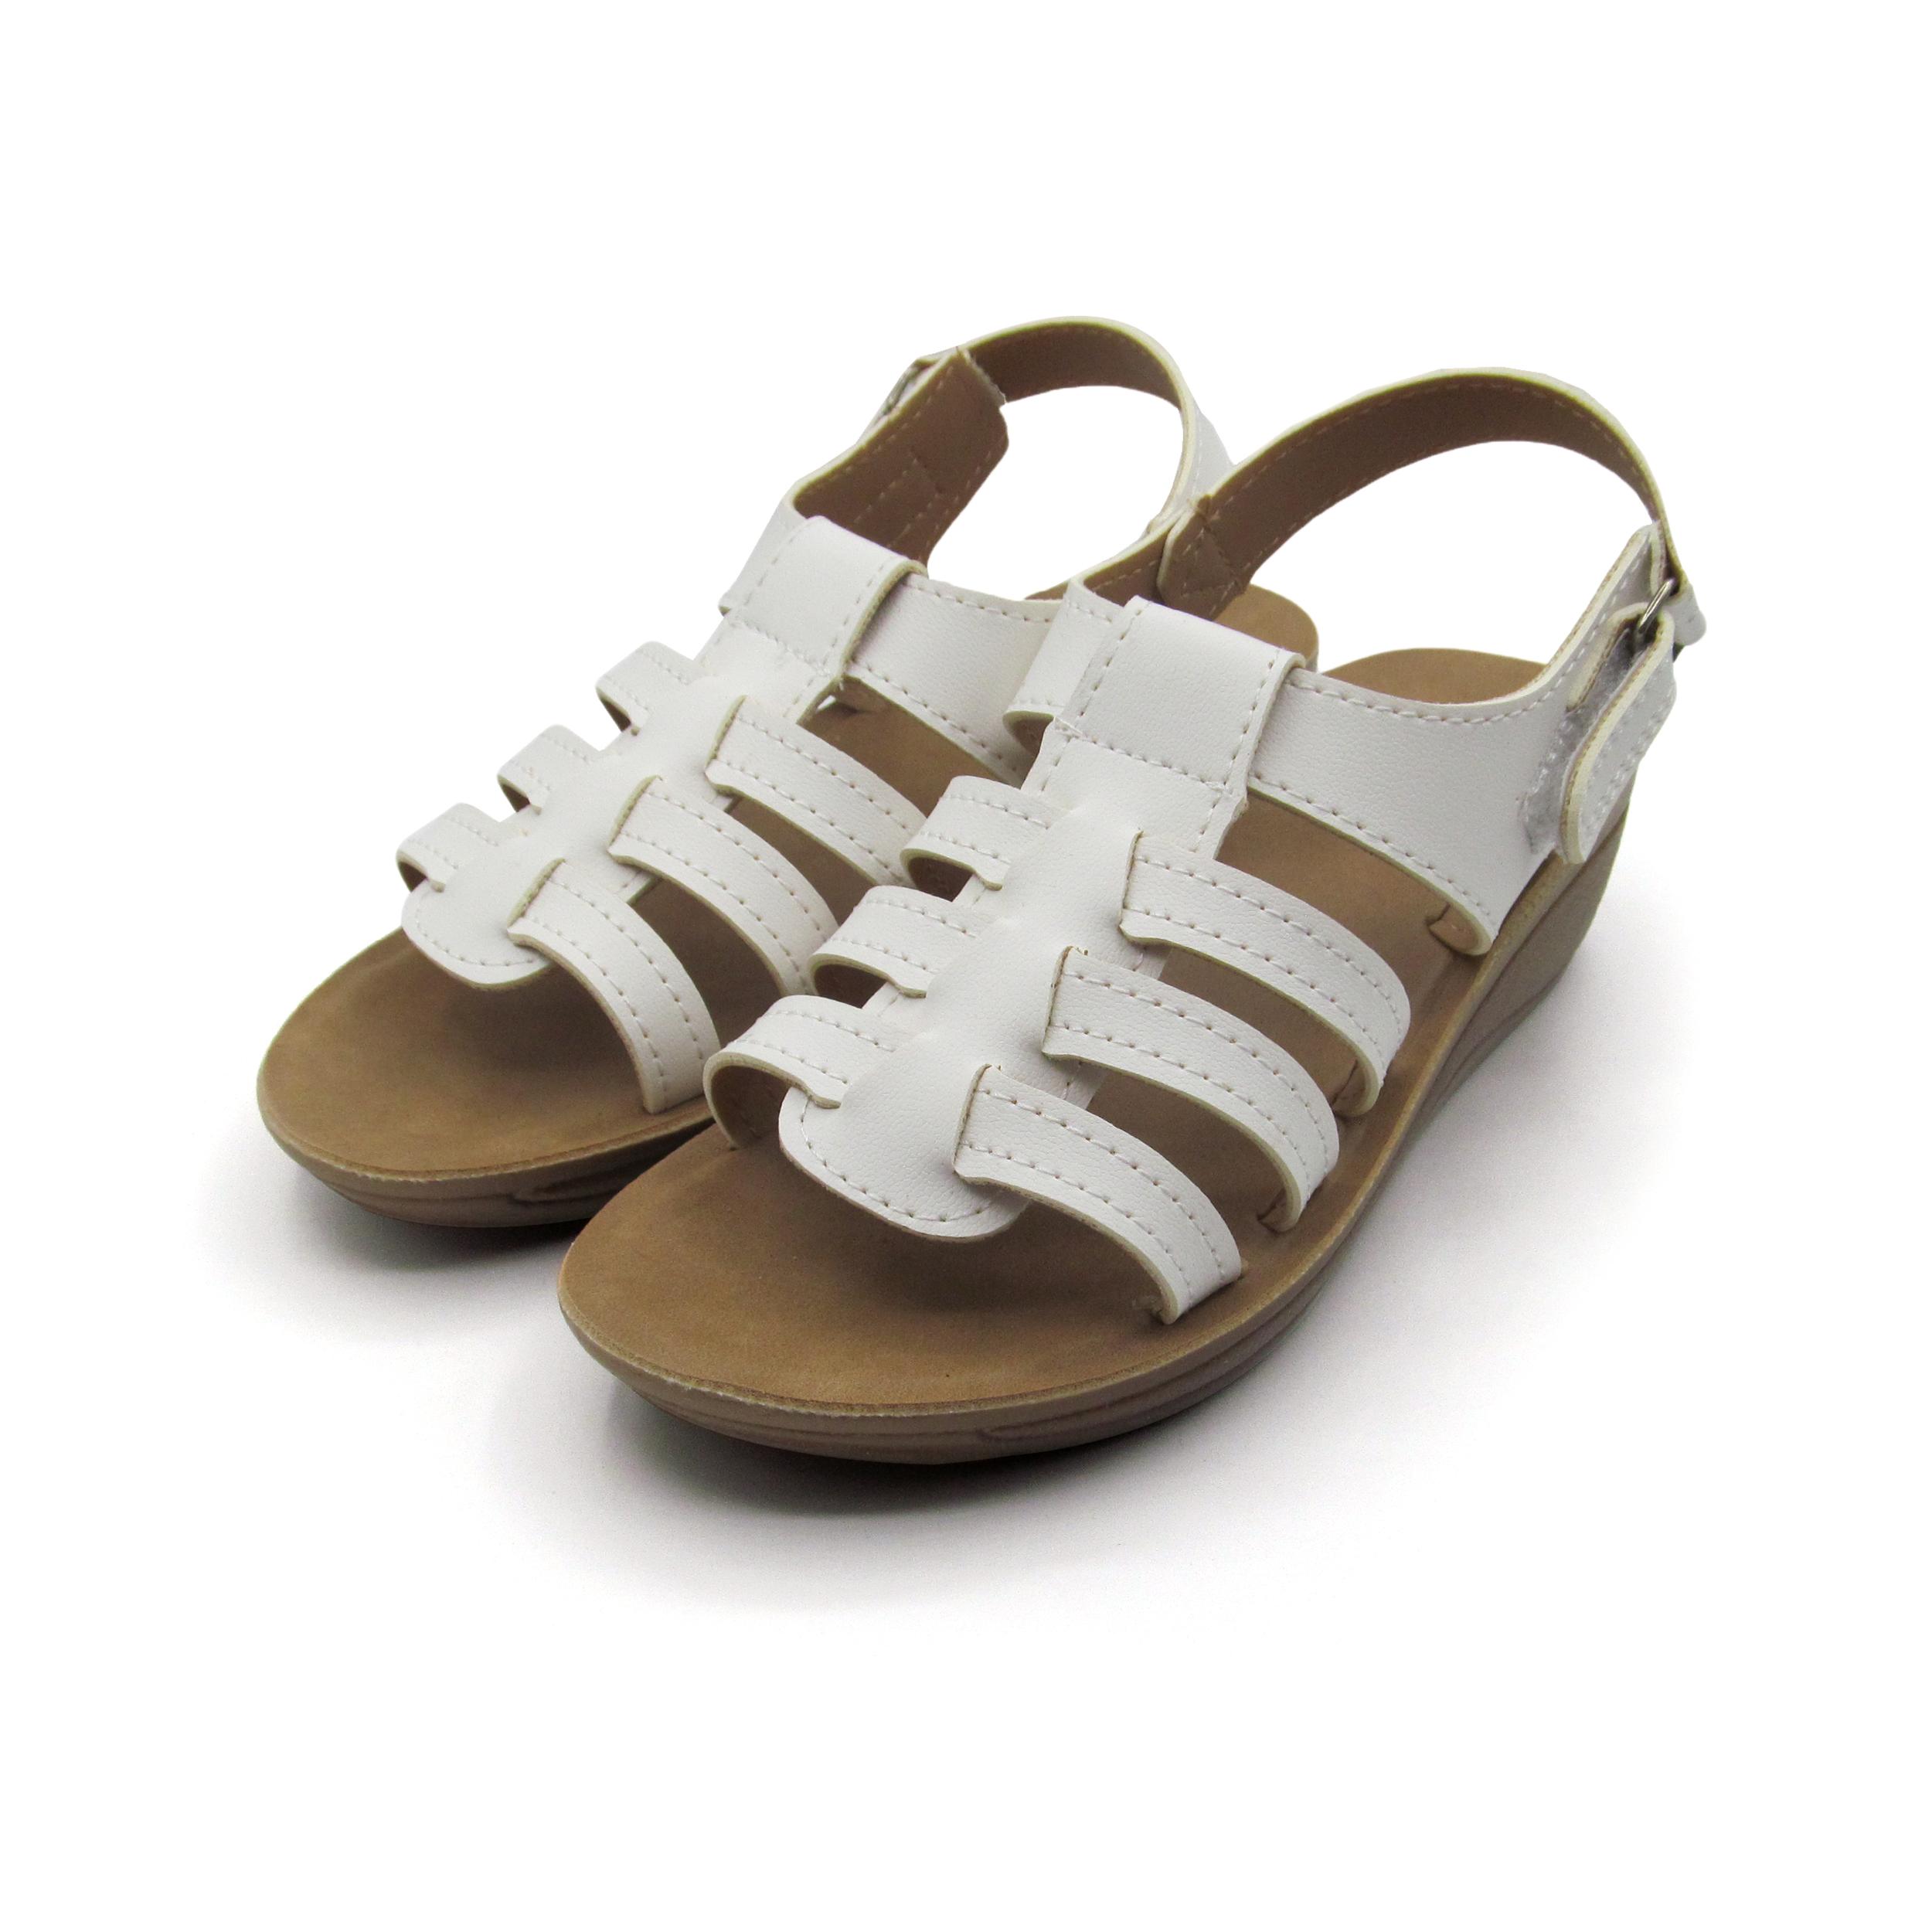 صندل دخترانه کفش شیما مدل خاطره کد 1801 -  - 4